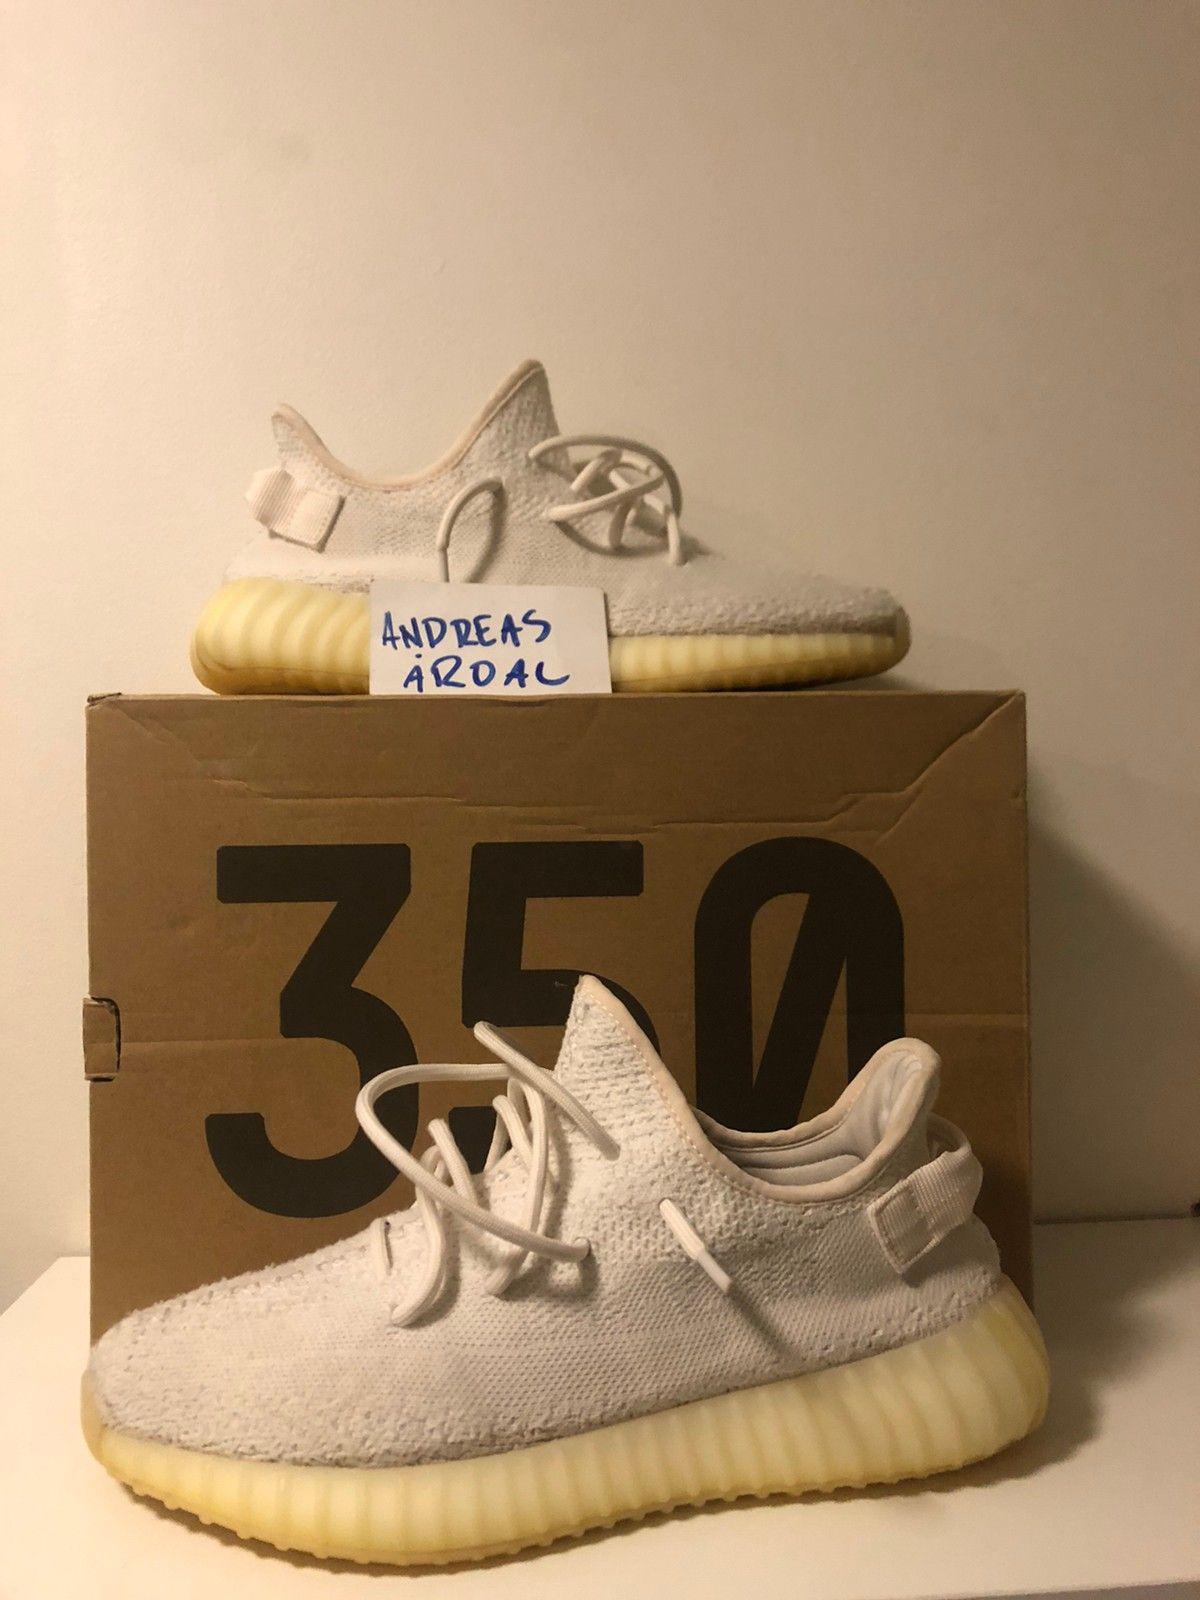 Adidas Originals Yeezy Boost 350 V2 Cream White | FINN.no